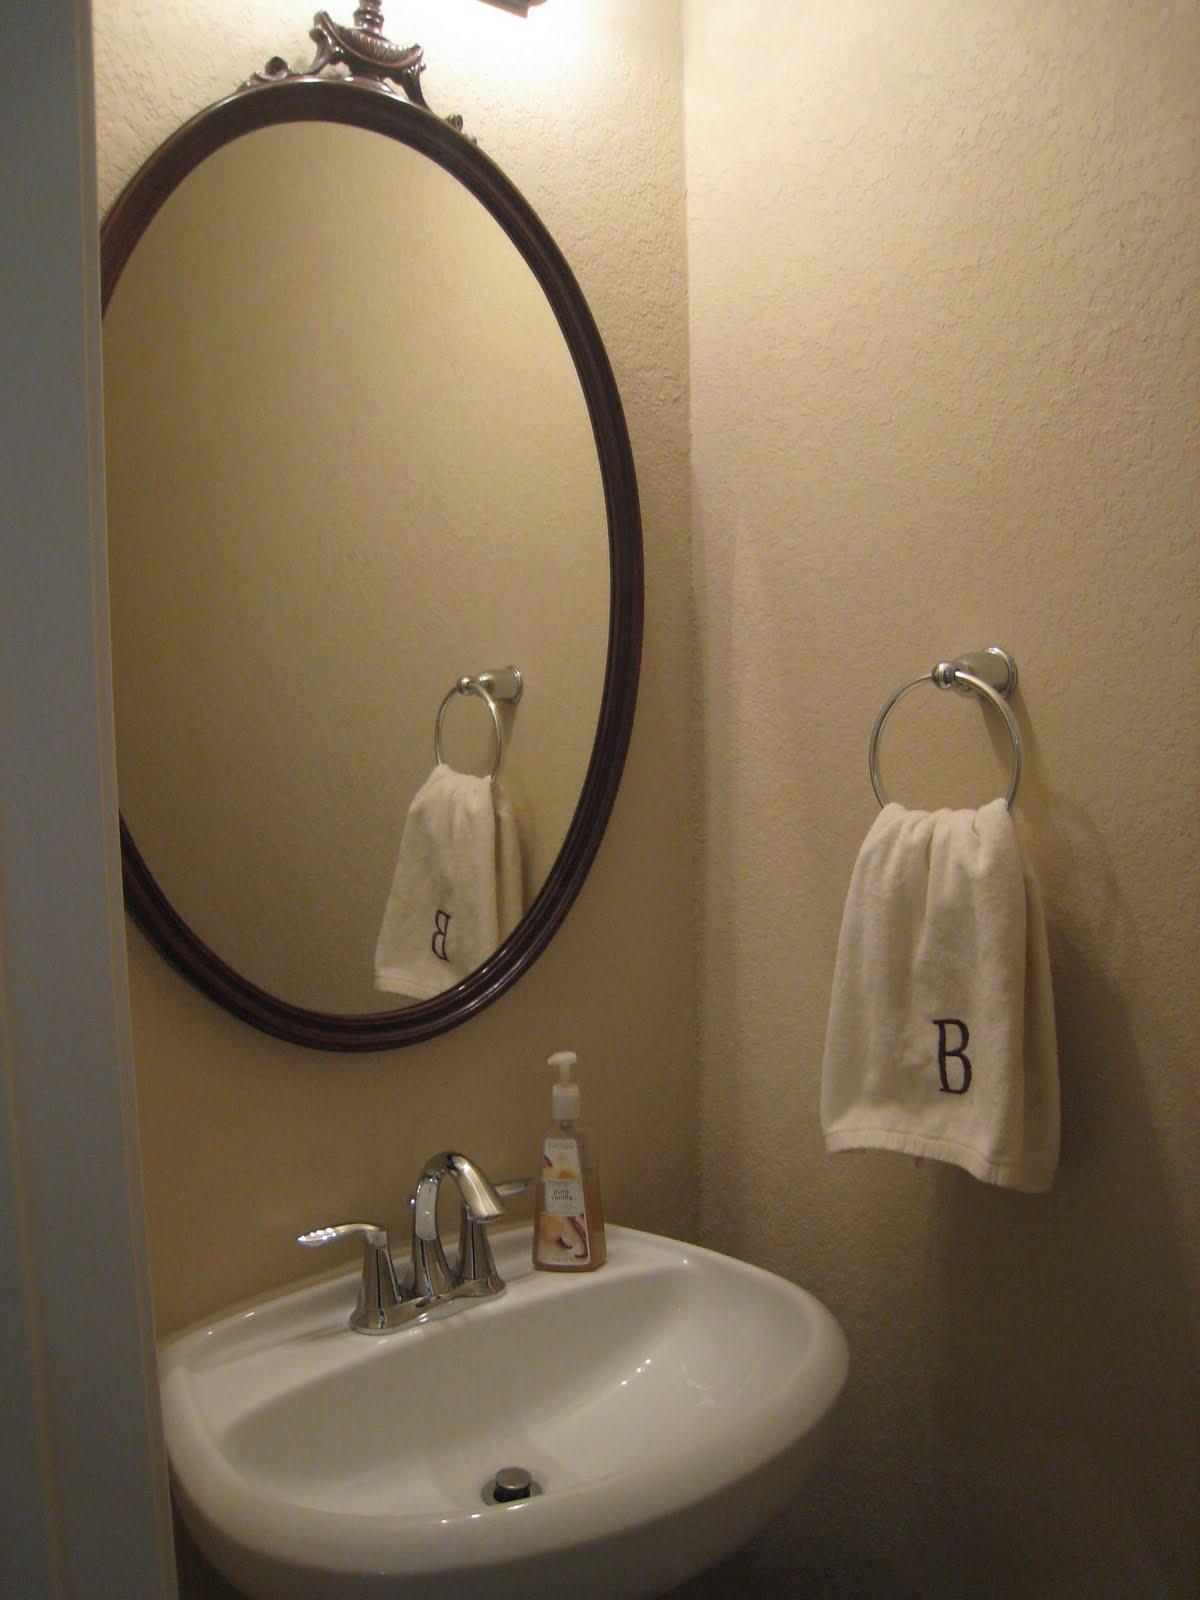 Spirals & Spatulas Mirror Mirror on the Wall